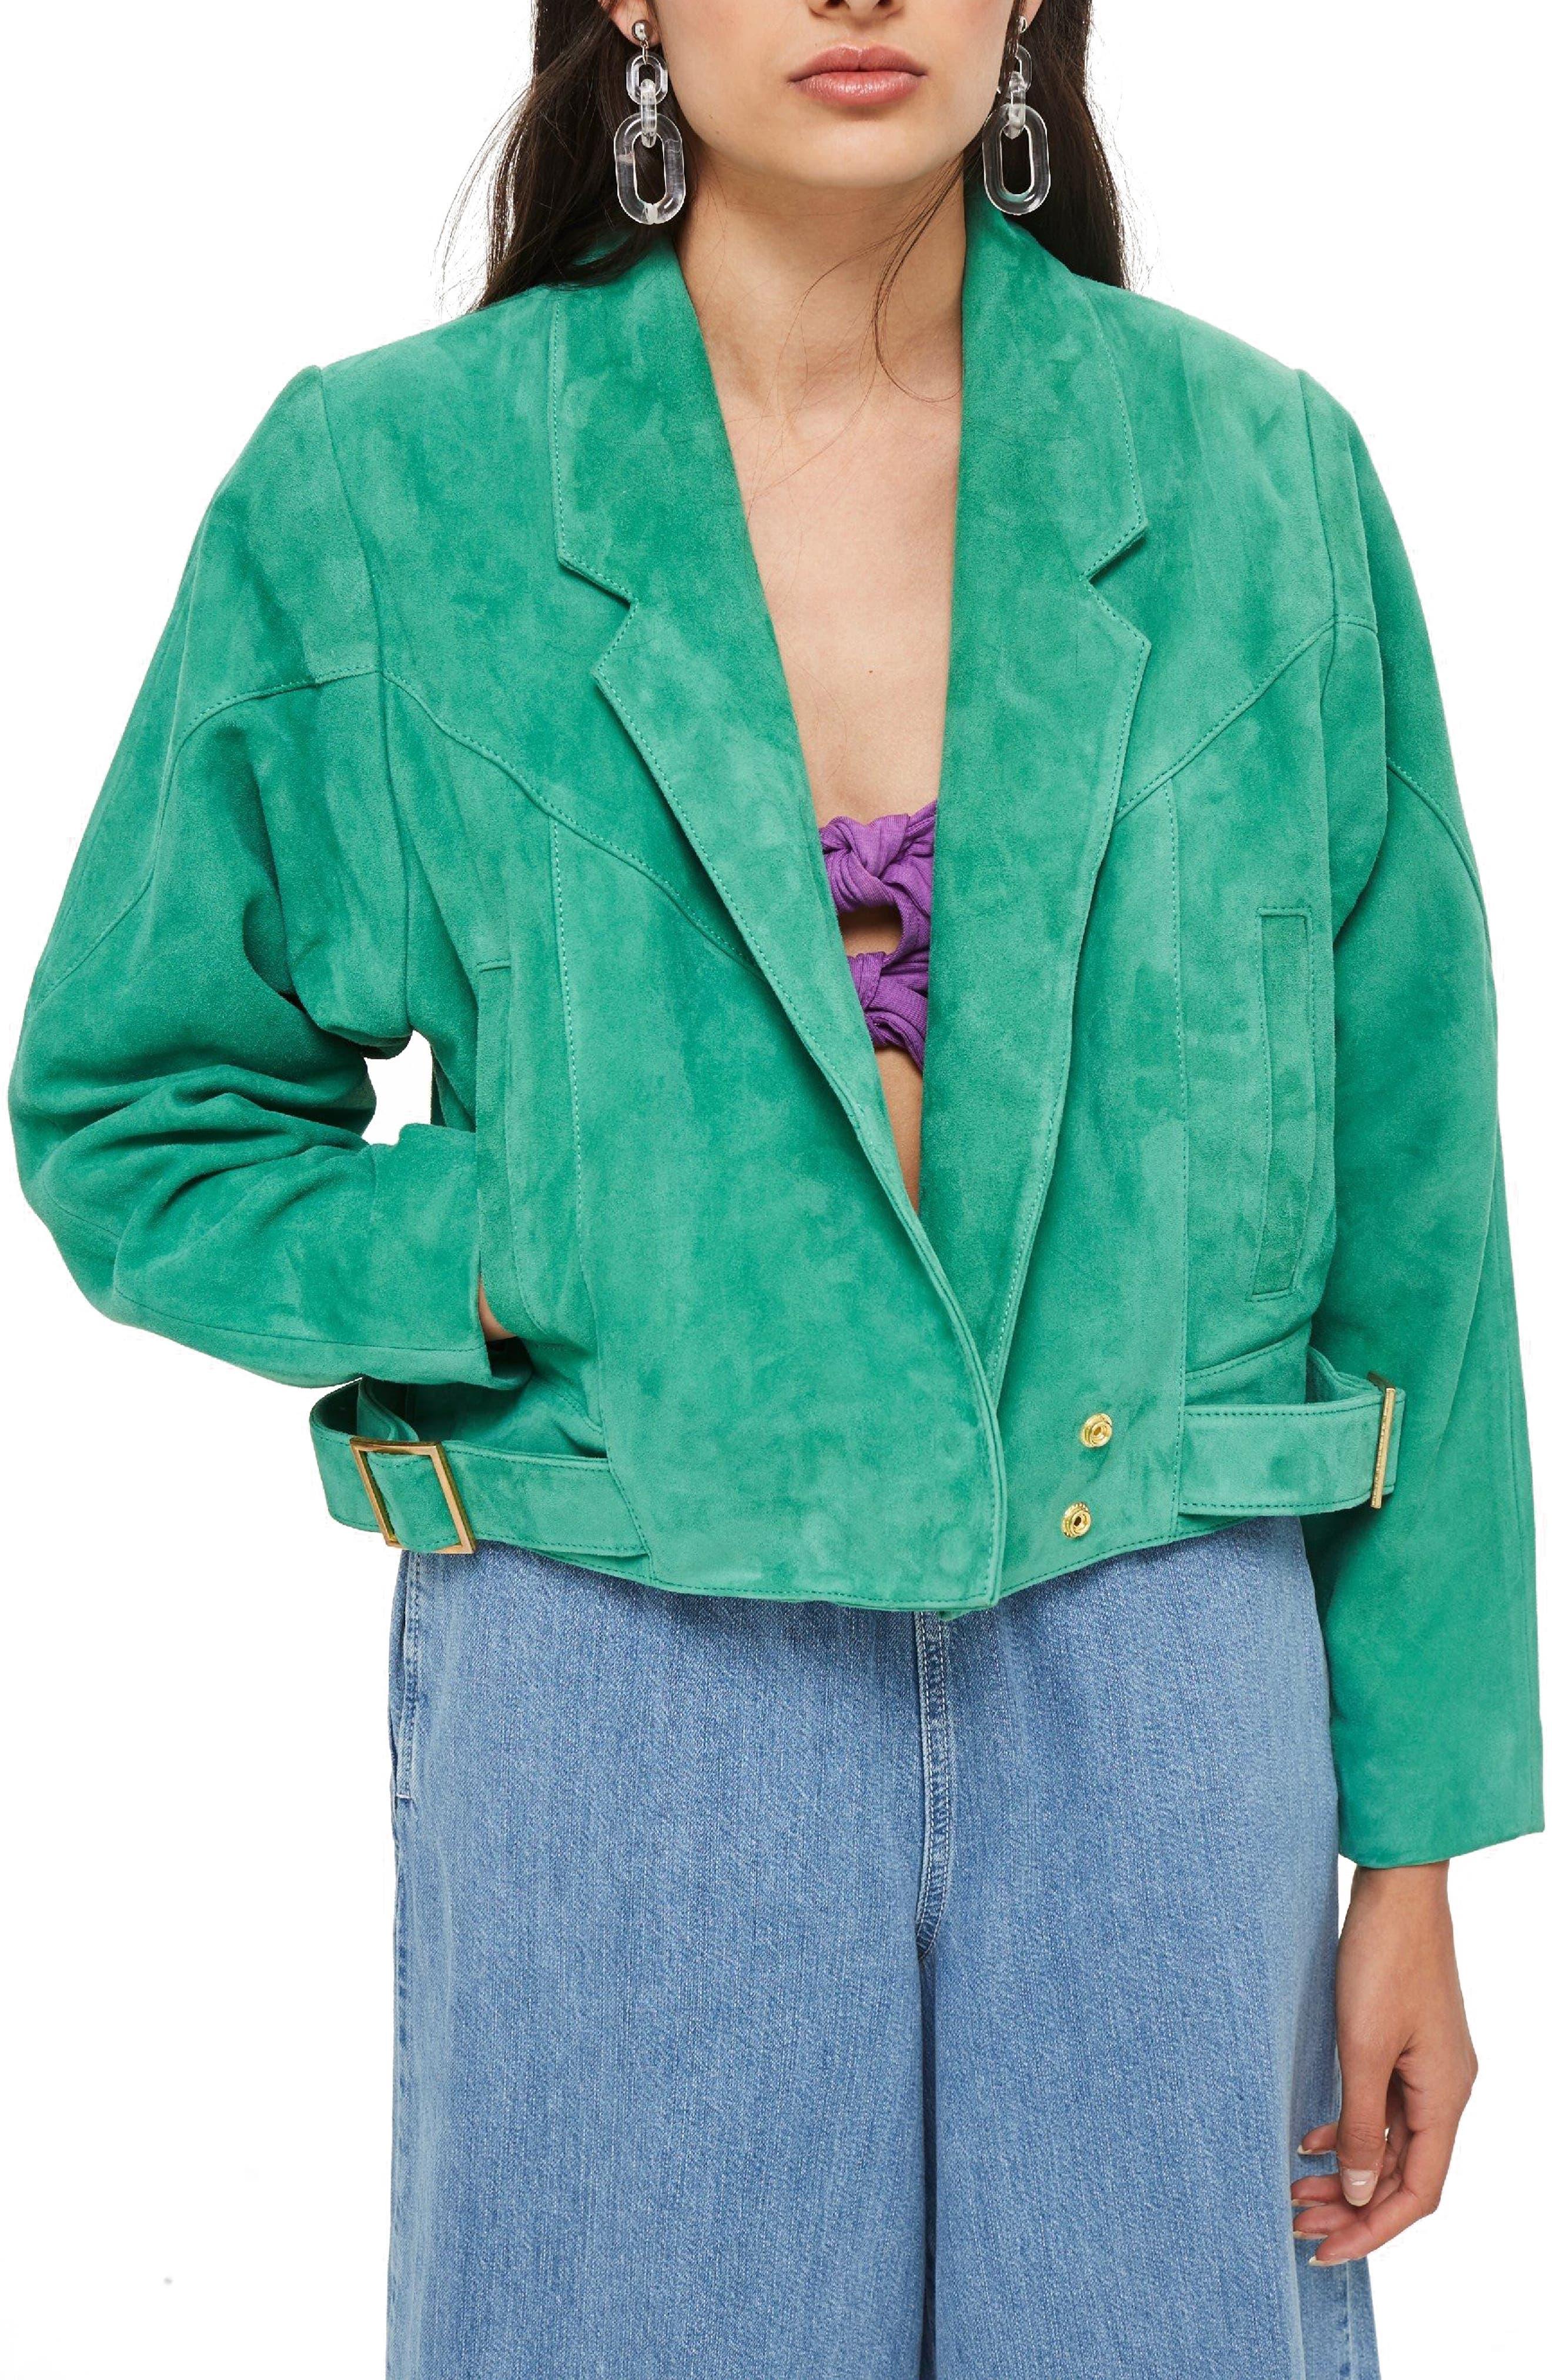 Hawkes Suede Jacket,                         Main,                         color, Green